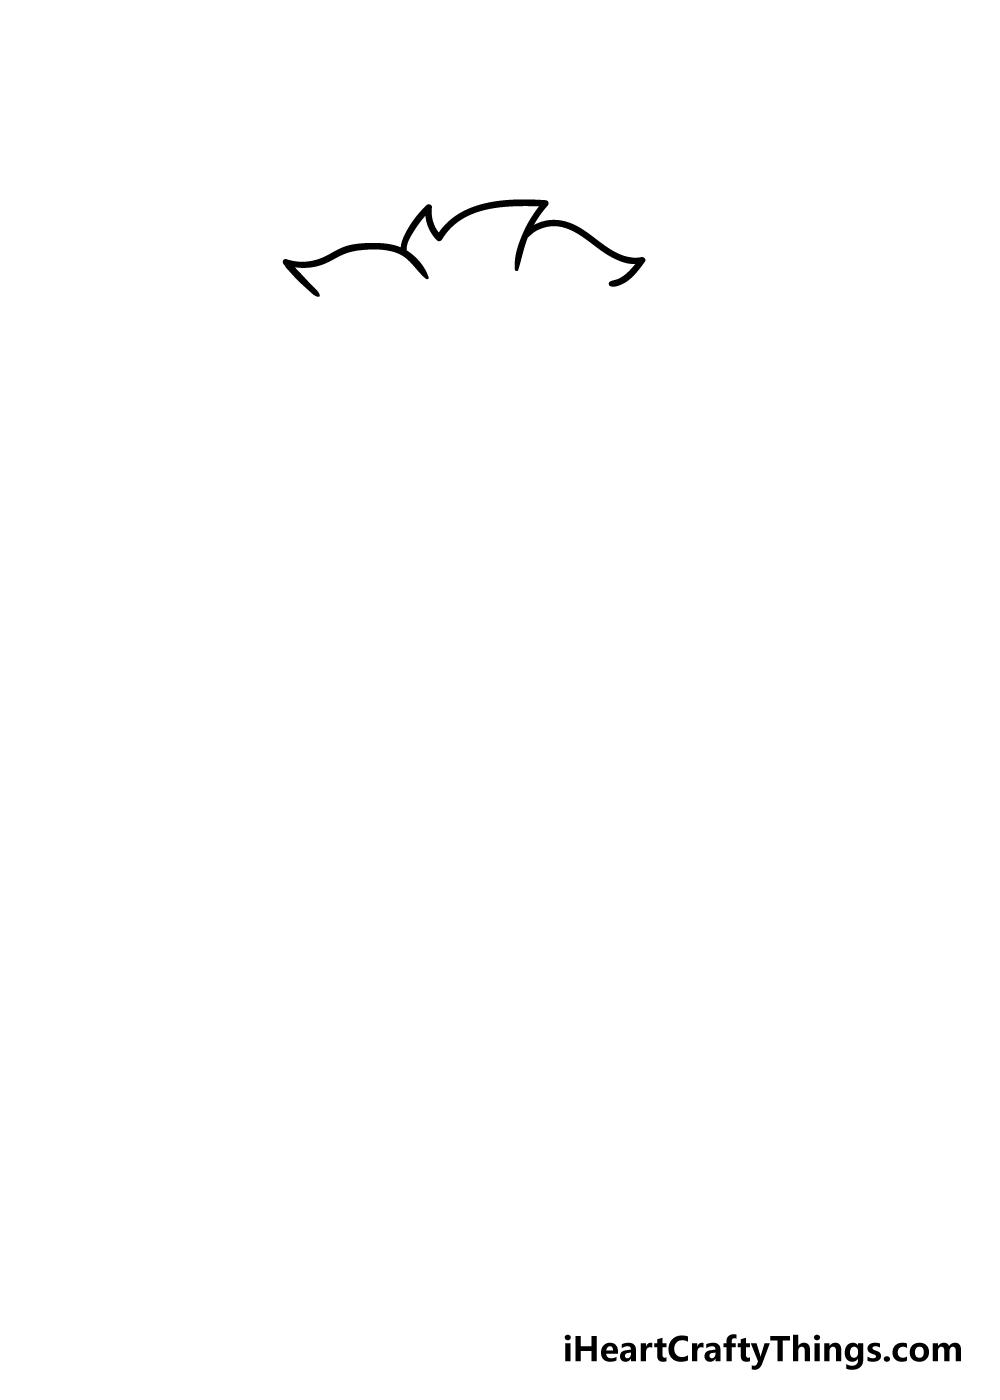 chibi drawing step 1